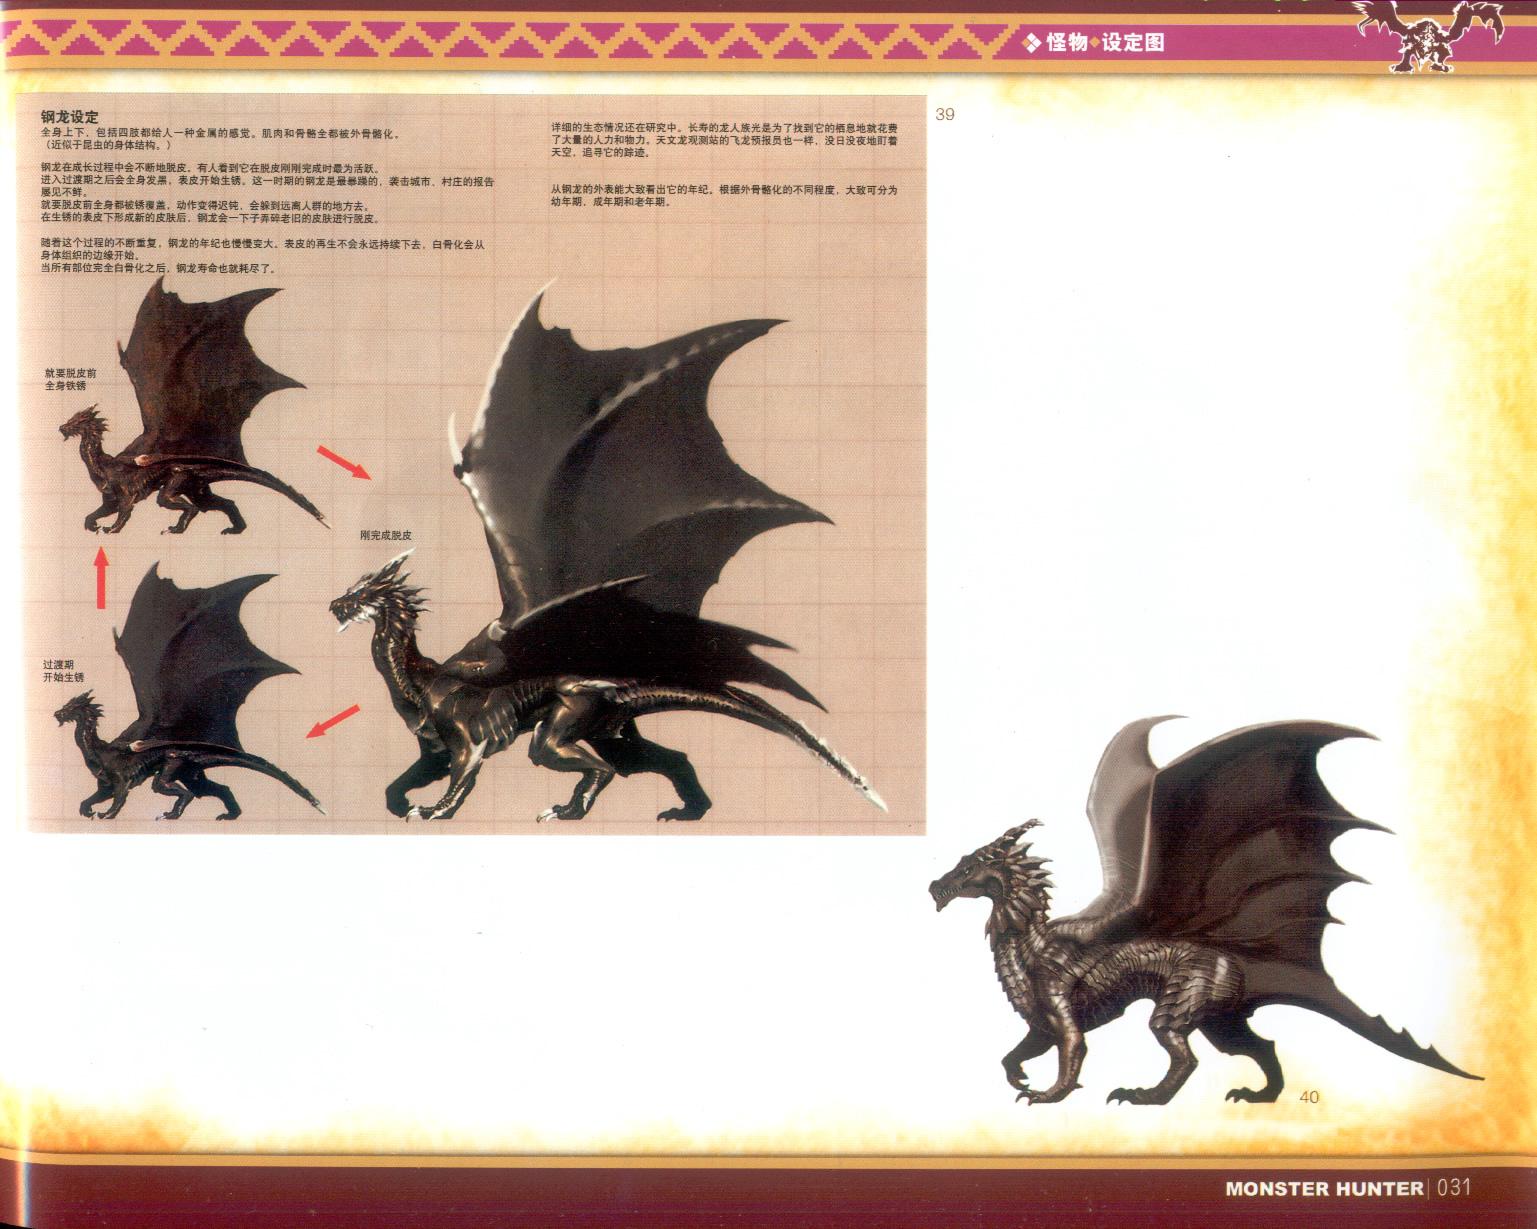 031_关注-游艺网GAME798海量资源下载怪物猎人终极画集.jpg